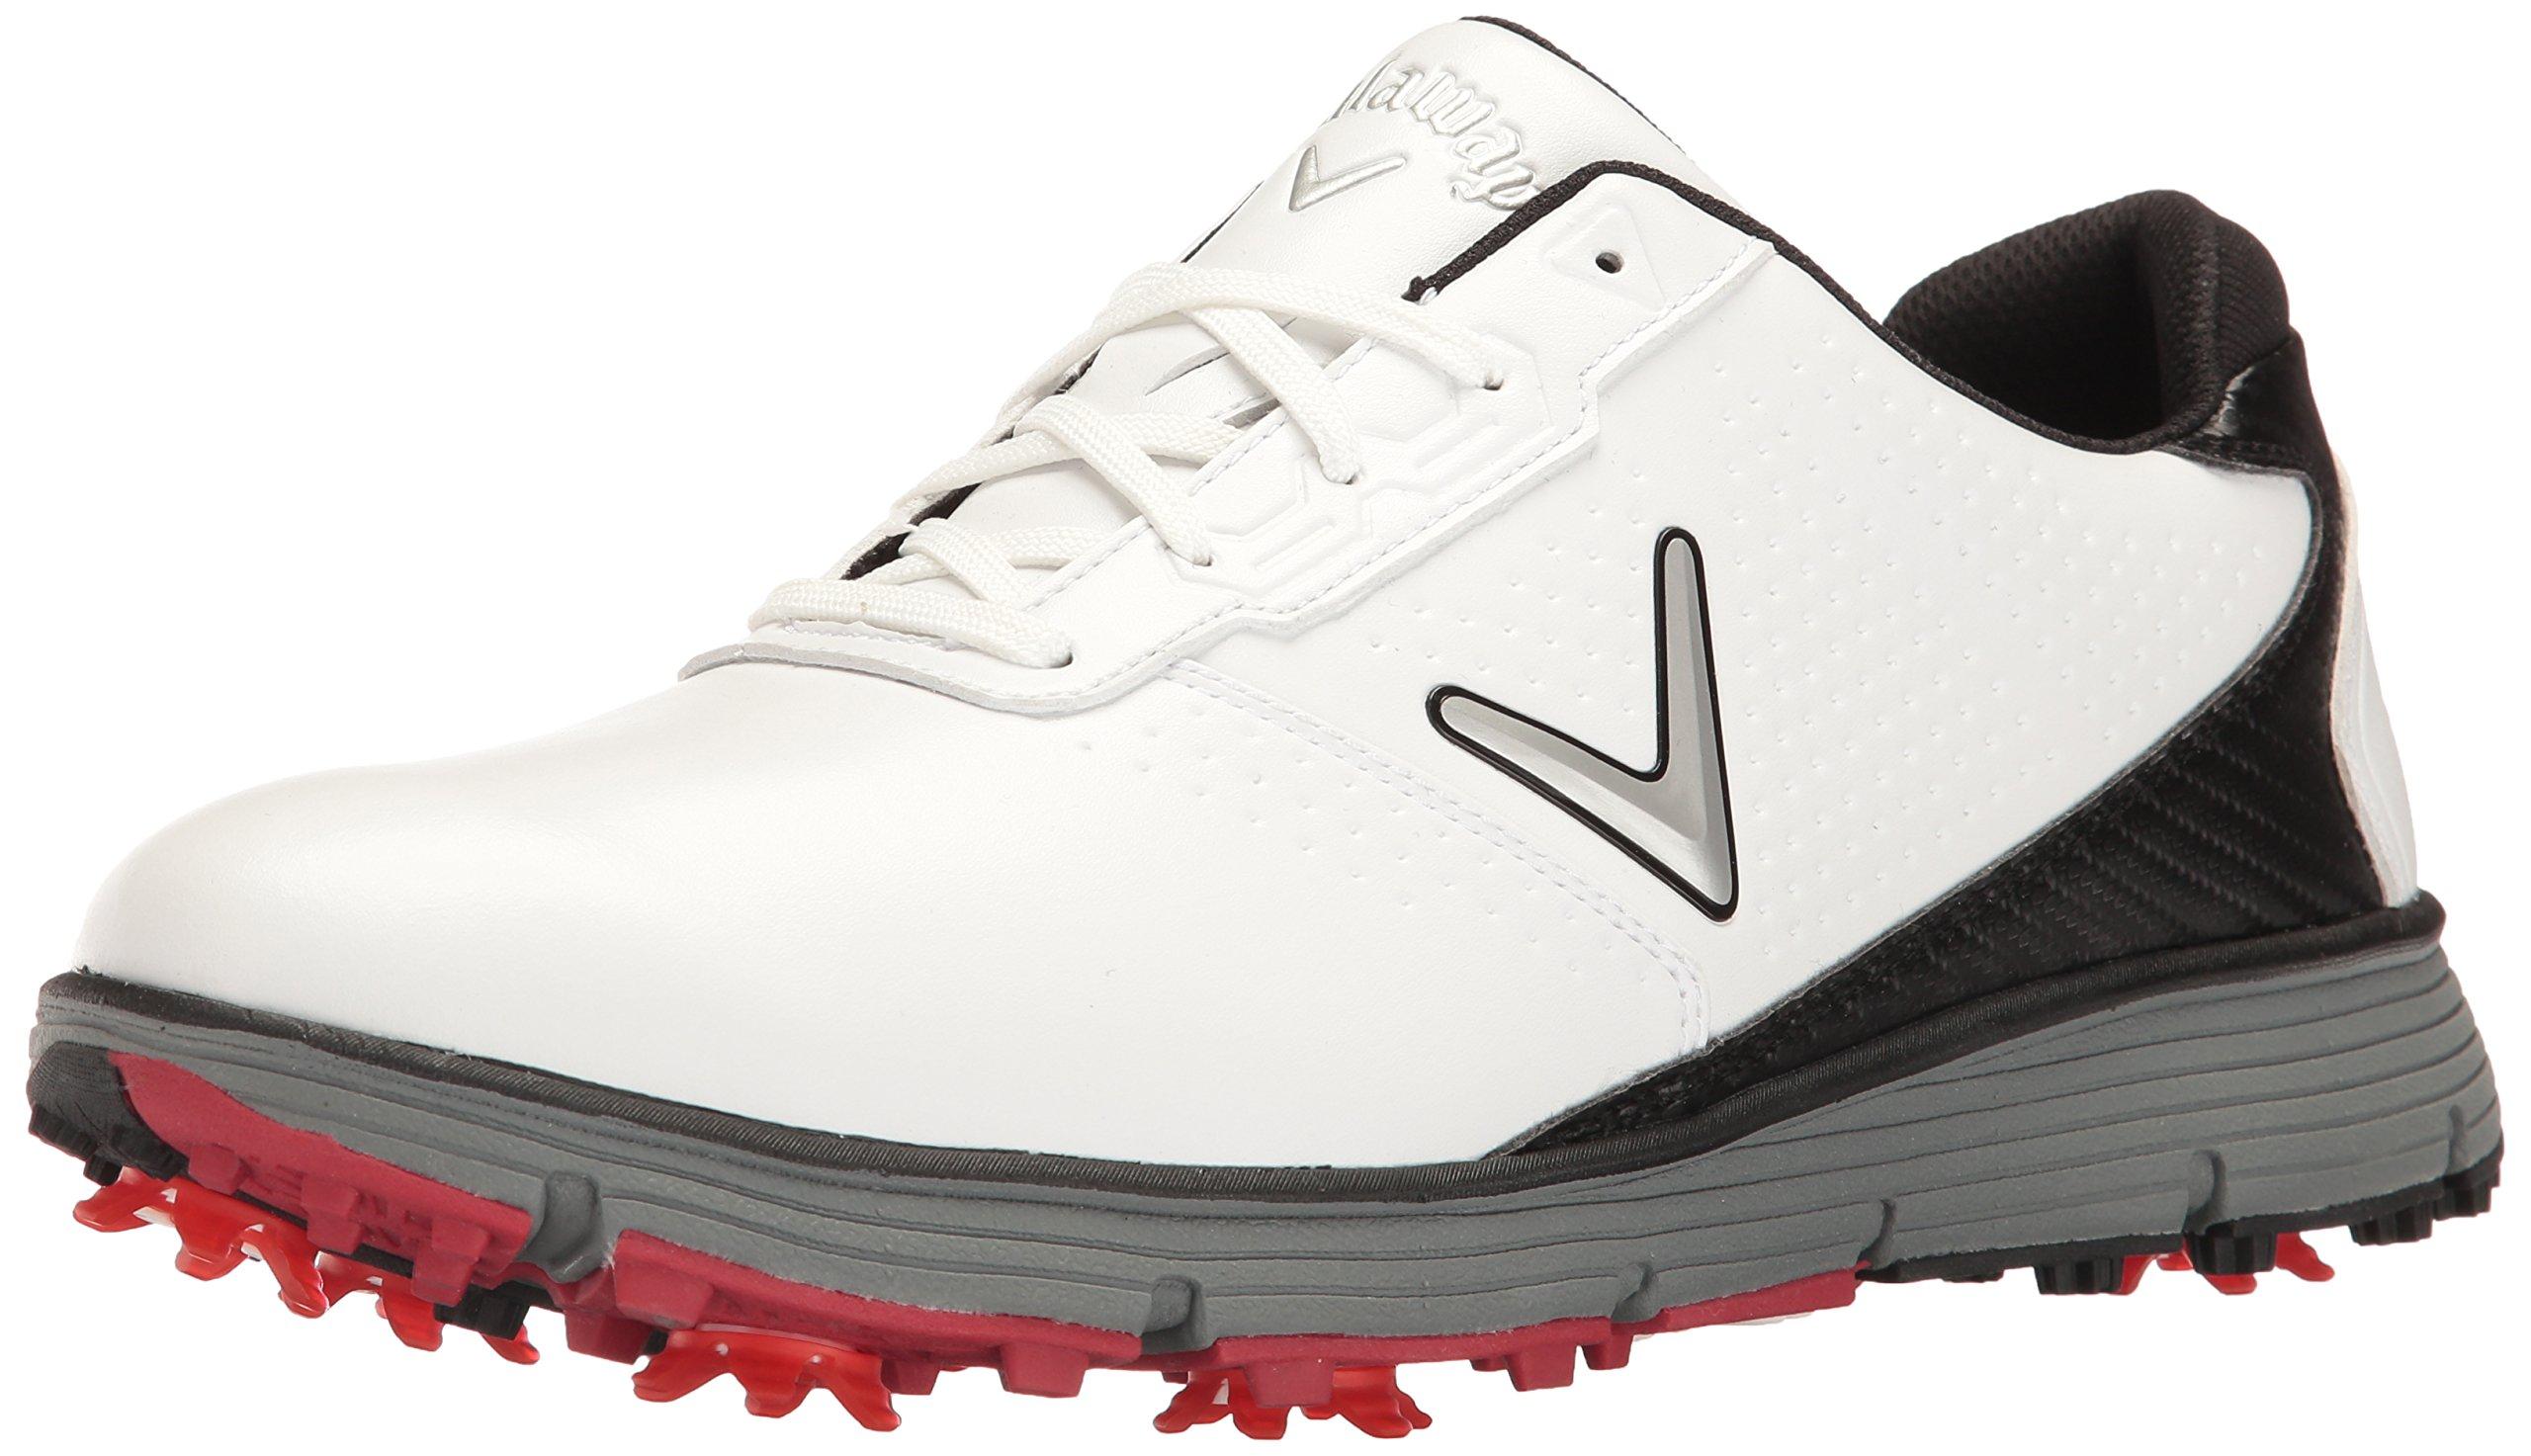 Callaway Men's Balboa TRX Golf Shoe, White/Black, 14 D US